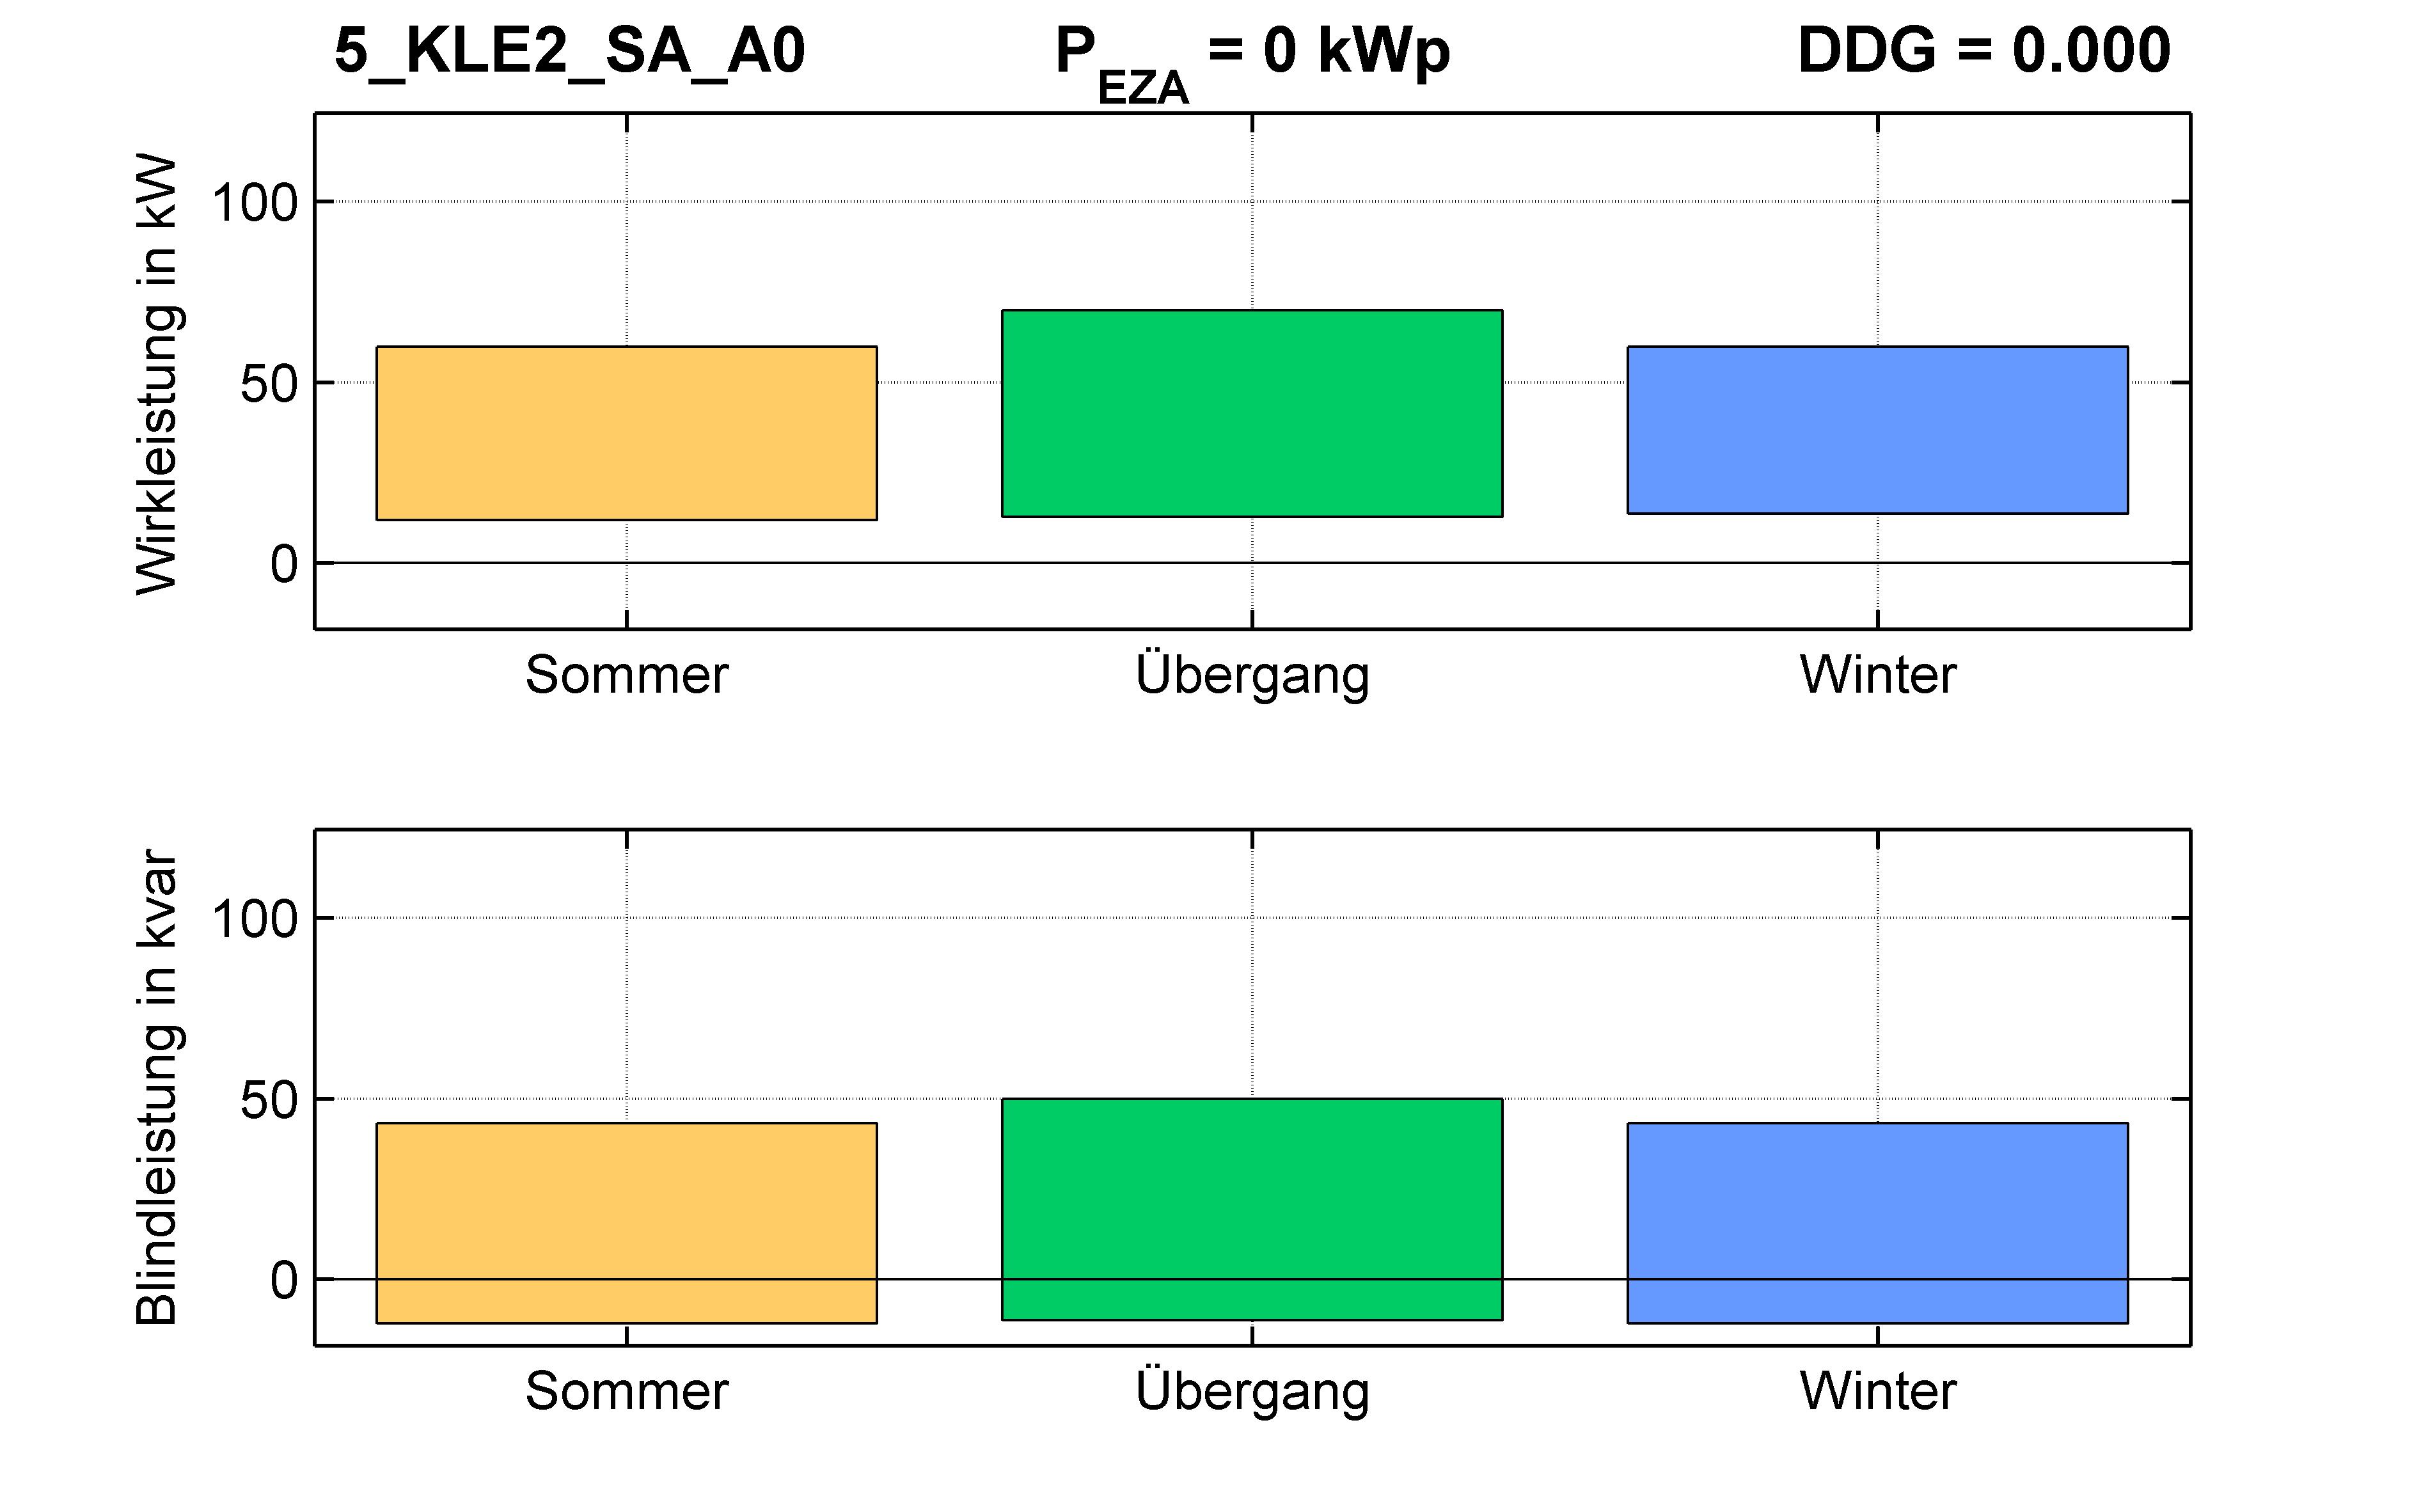 KLE2 | STATION (SA) A0 | PQ-Bilanz